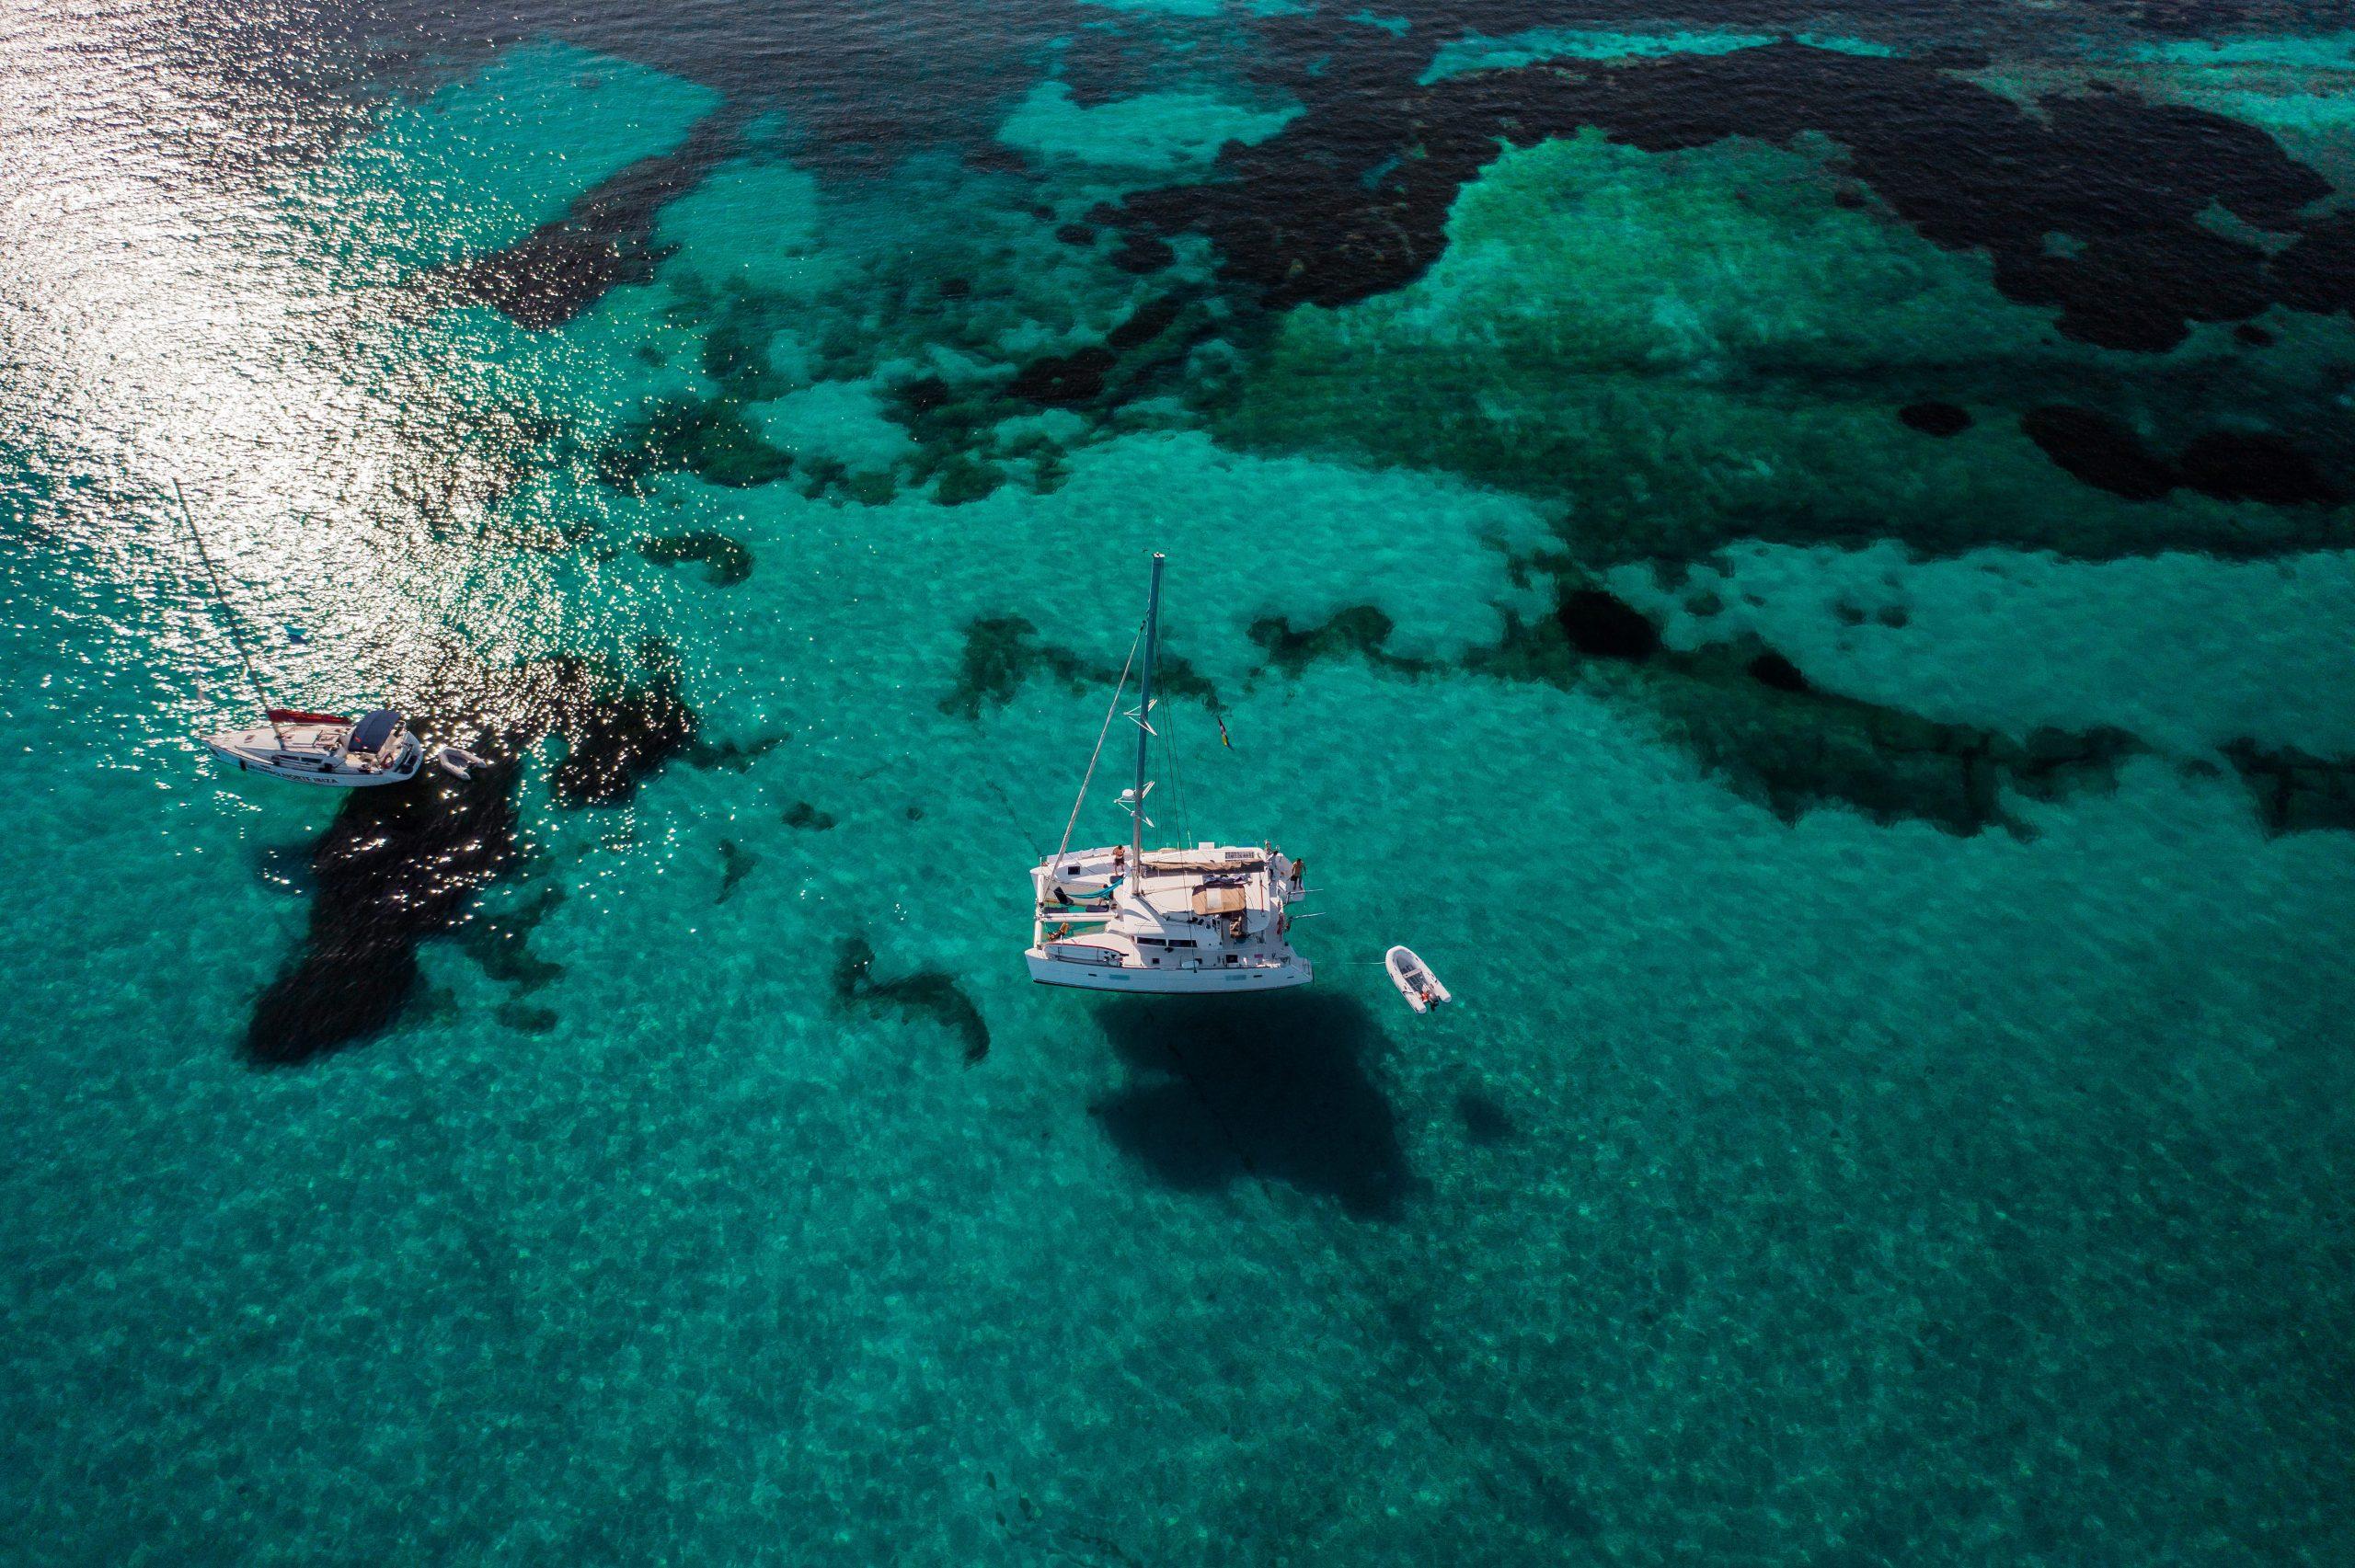 bateau dans l'eau cristalline des seychelles